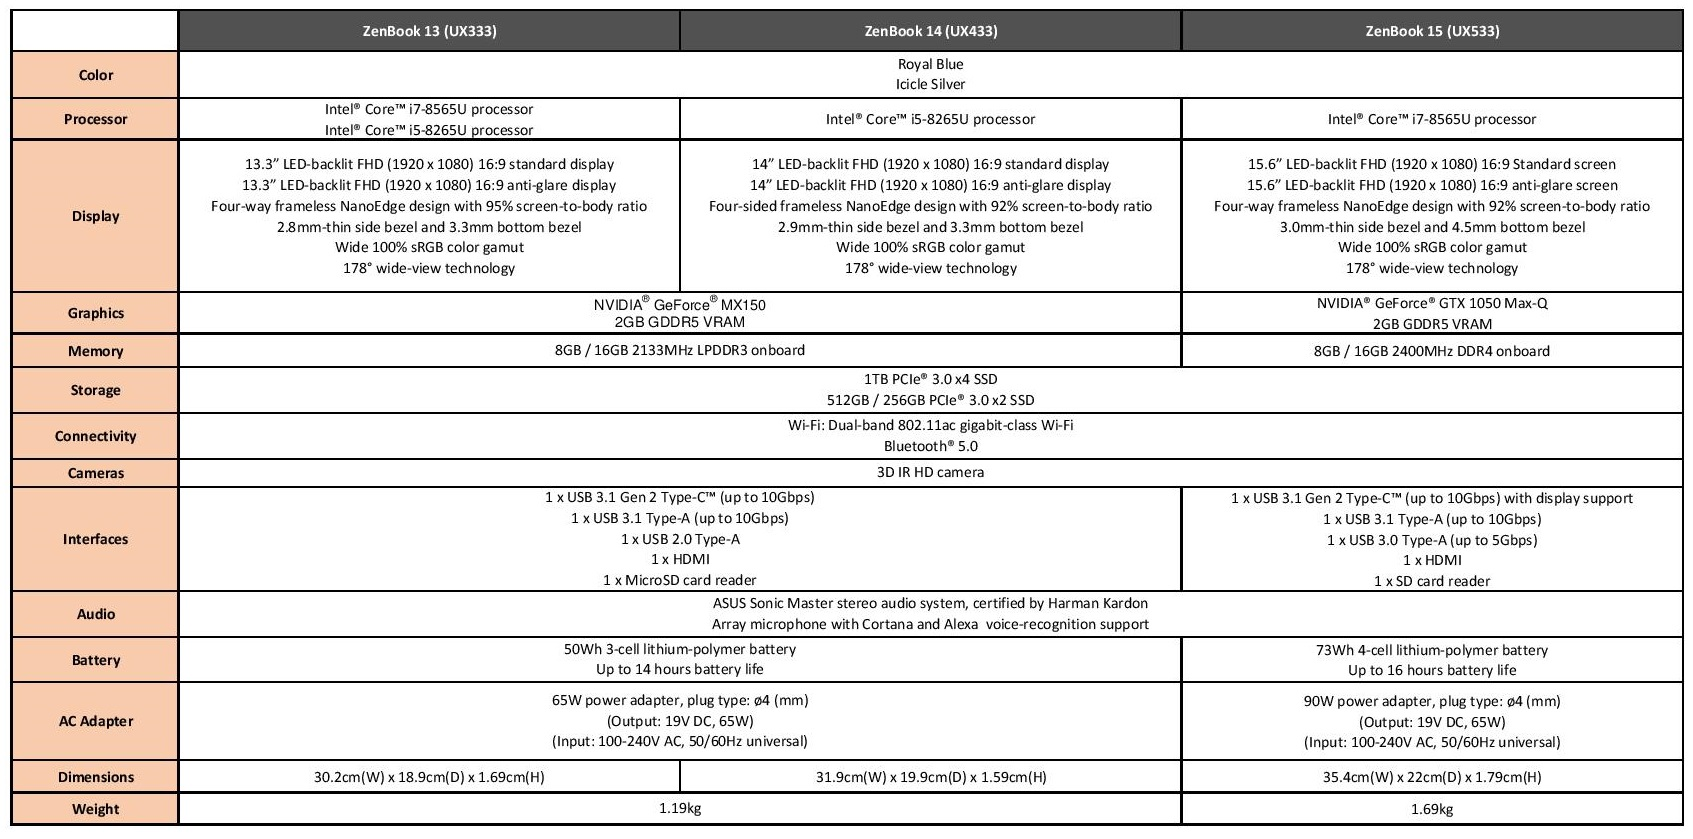 zenbook 13,14,15 comparison-page-001